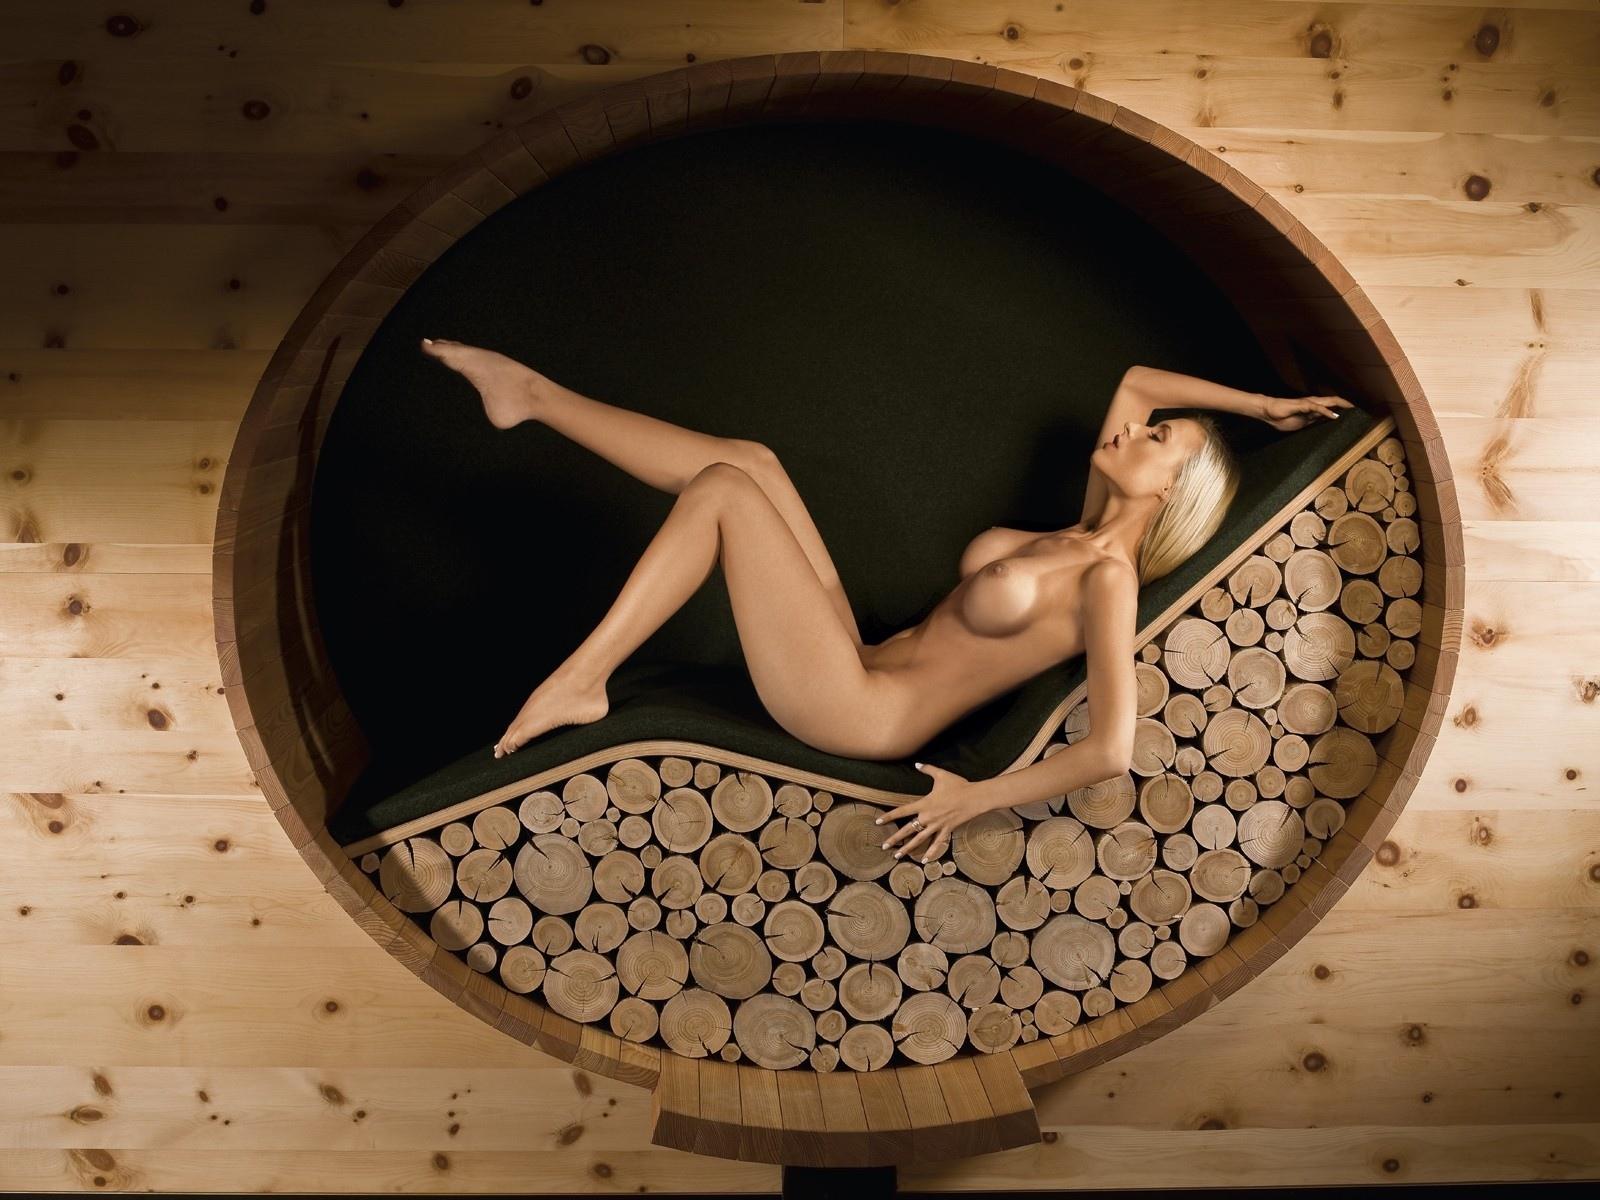 Nude alena gerber TheFappening: Alena